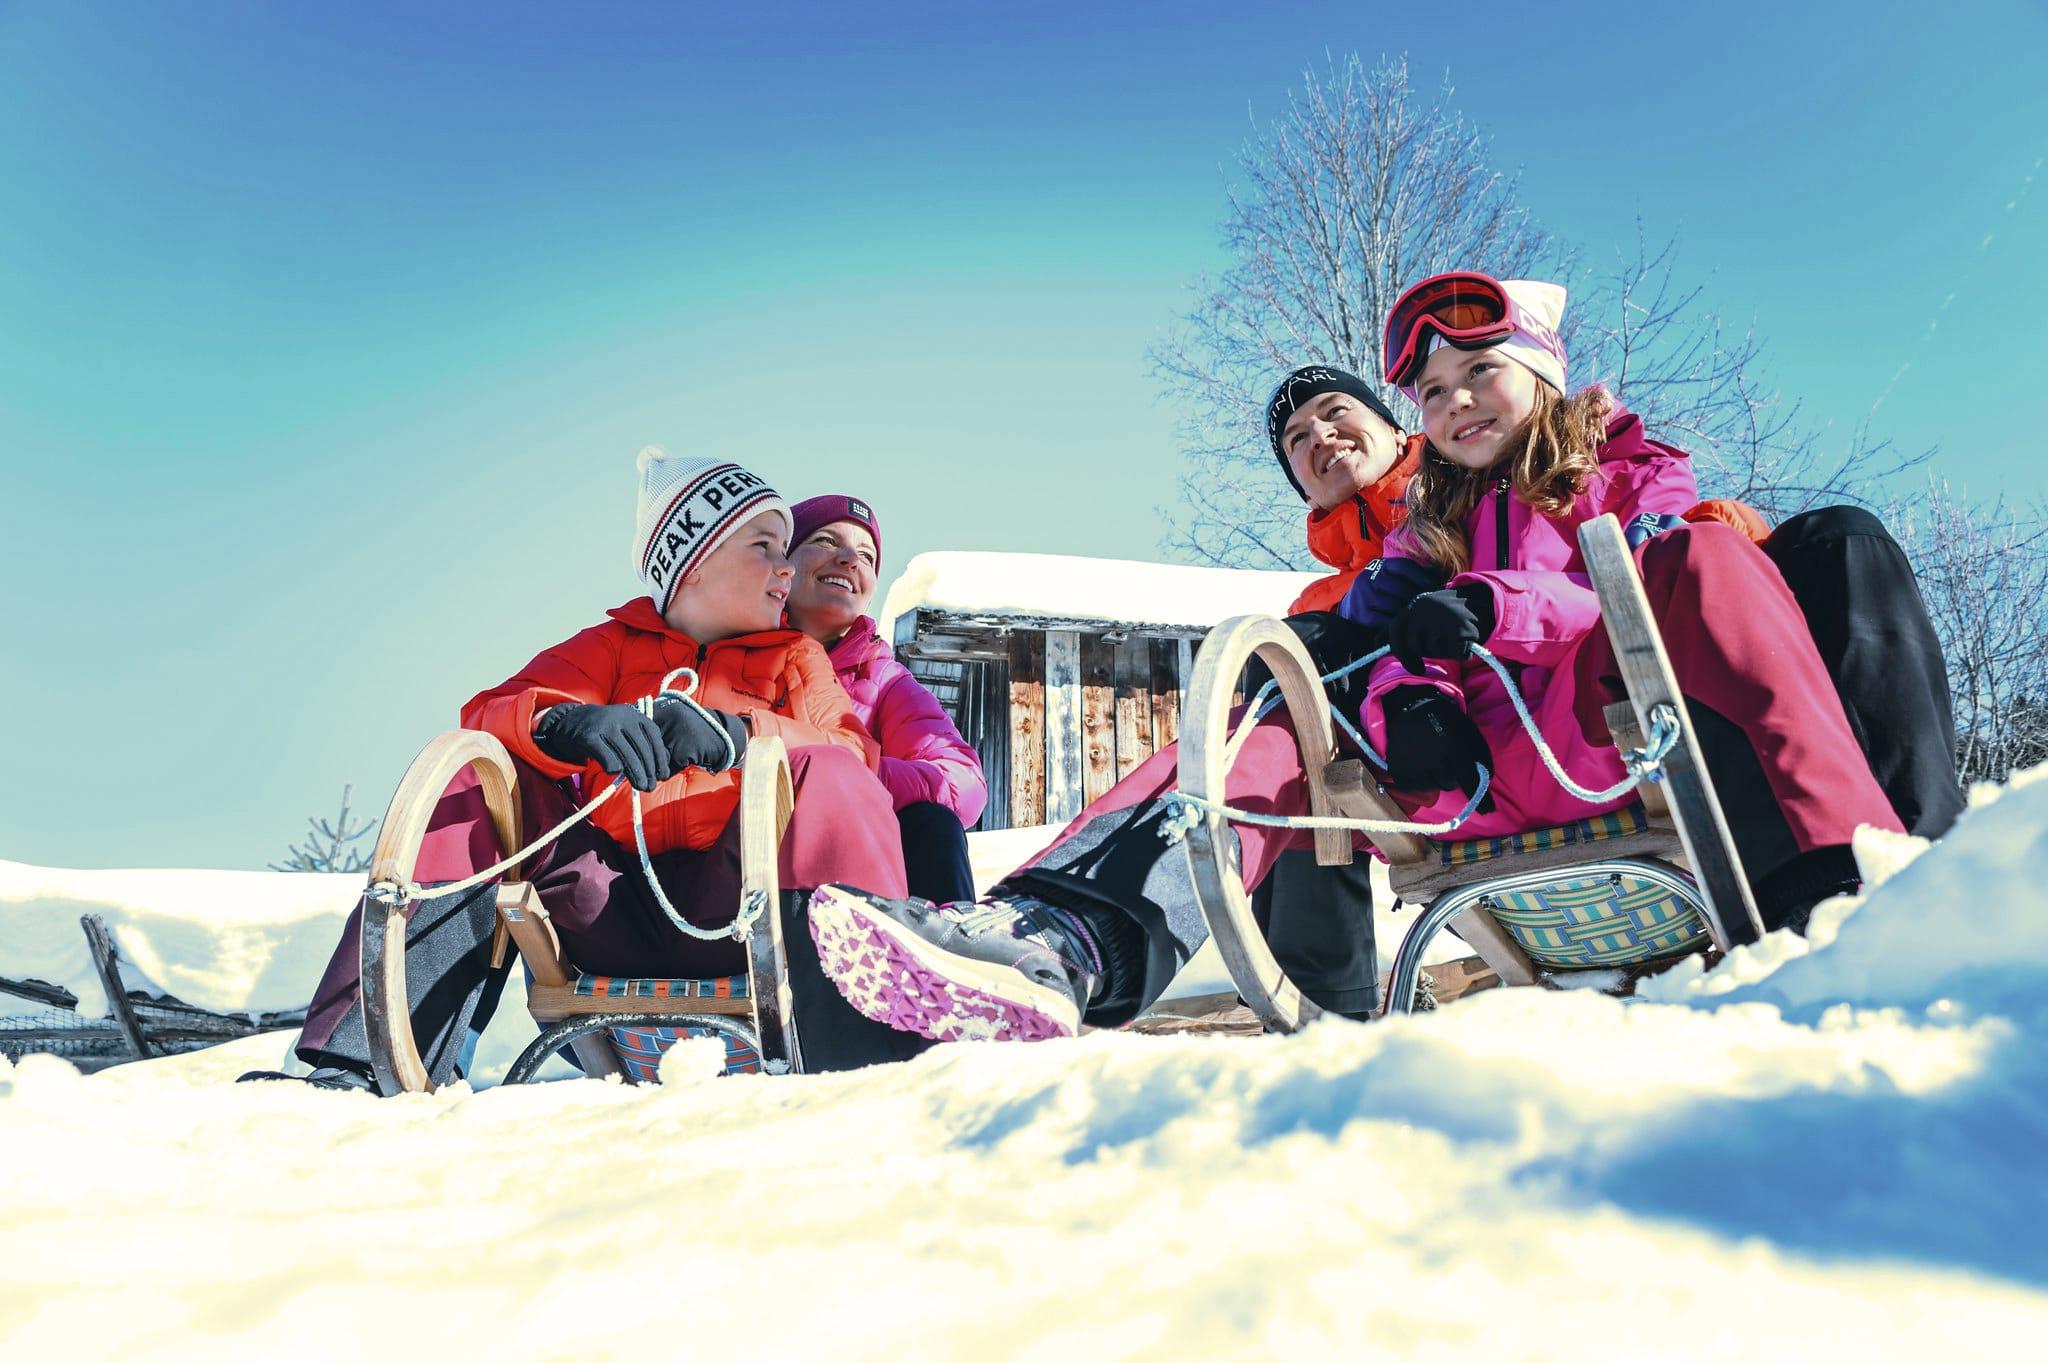 Hofgut-wagrain-apartment-lifestyle-resort-erleben-im-winter-Familienwinter-Schlittenfahren